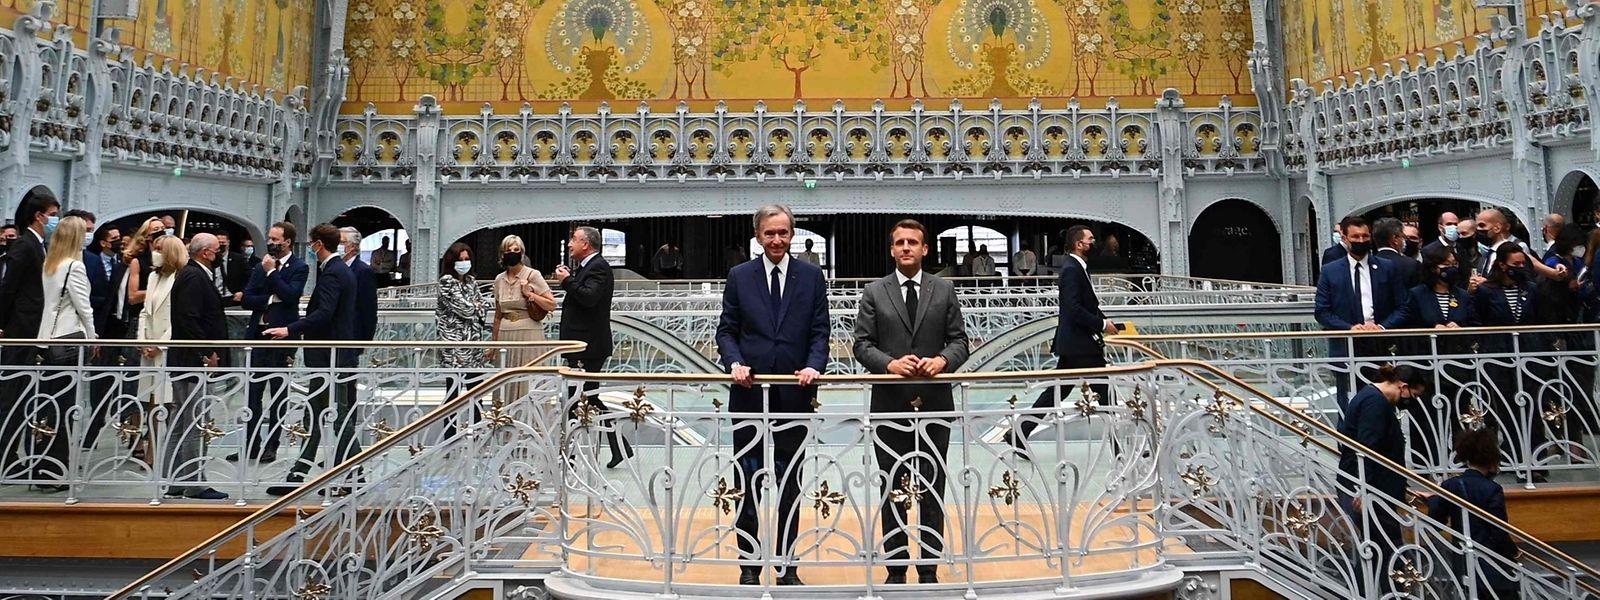 Der französische Präsident Emmanuel Macron (r) war als Überraschungsgast zur Eröffnung gekommen - hier mit LVMH- Direktor Bernard Arnault (l.)